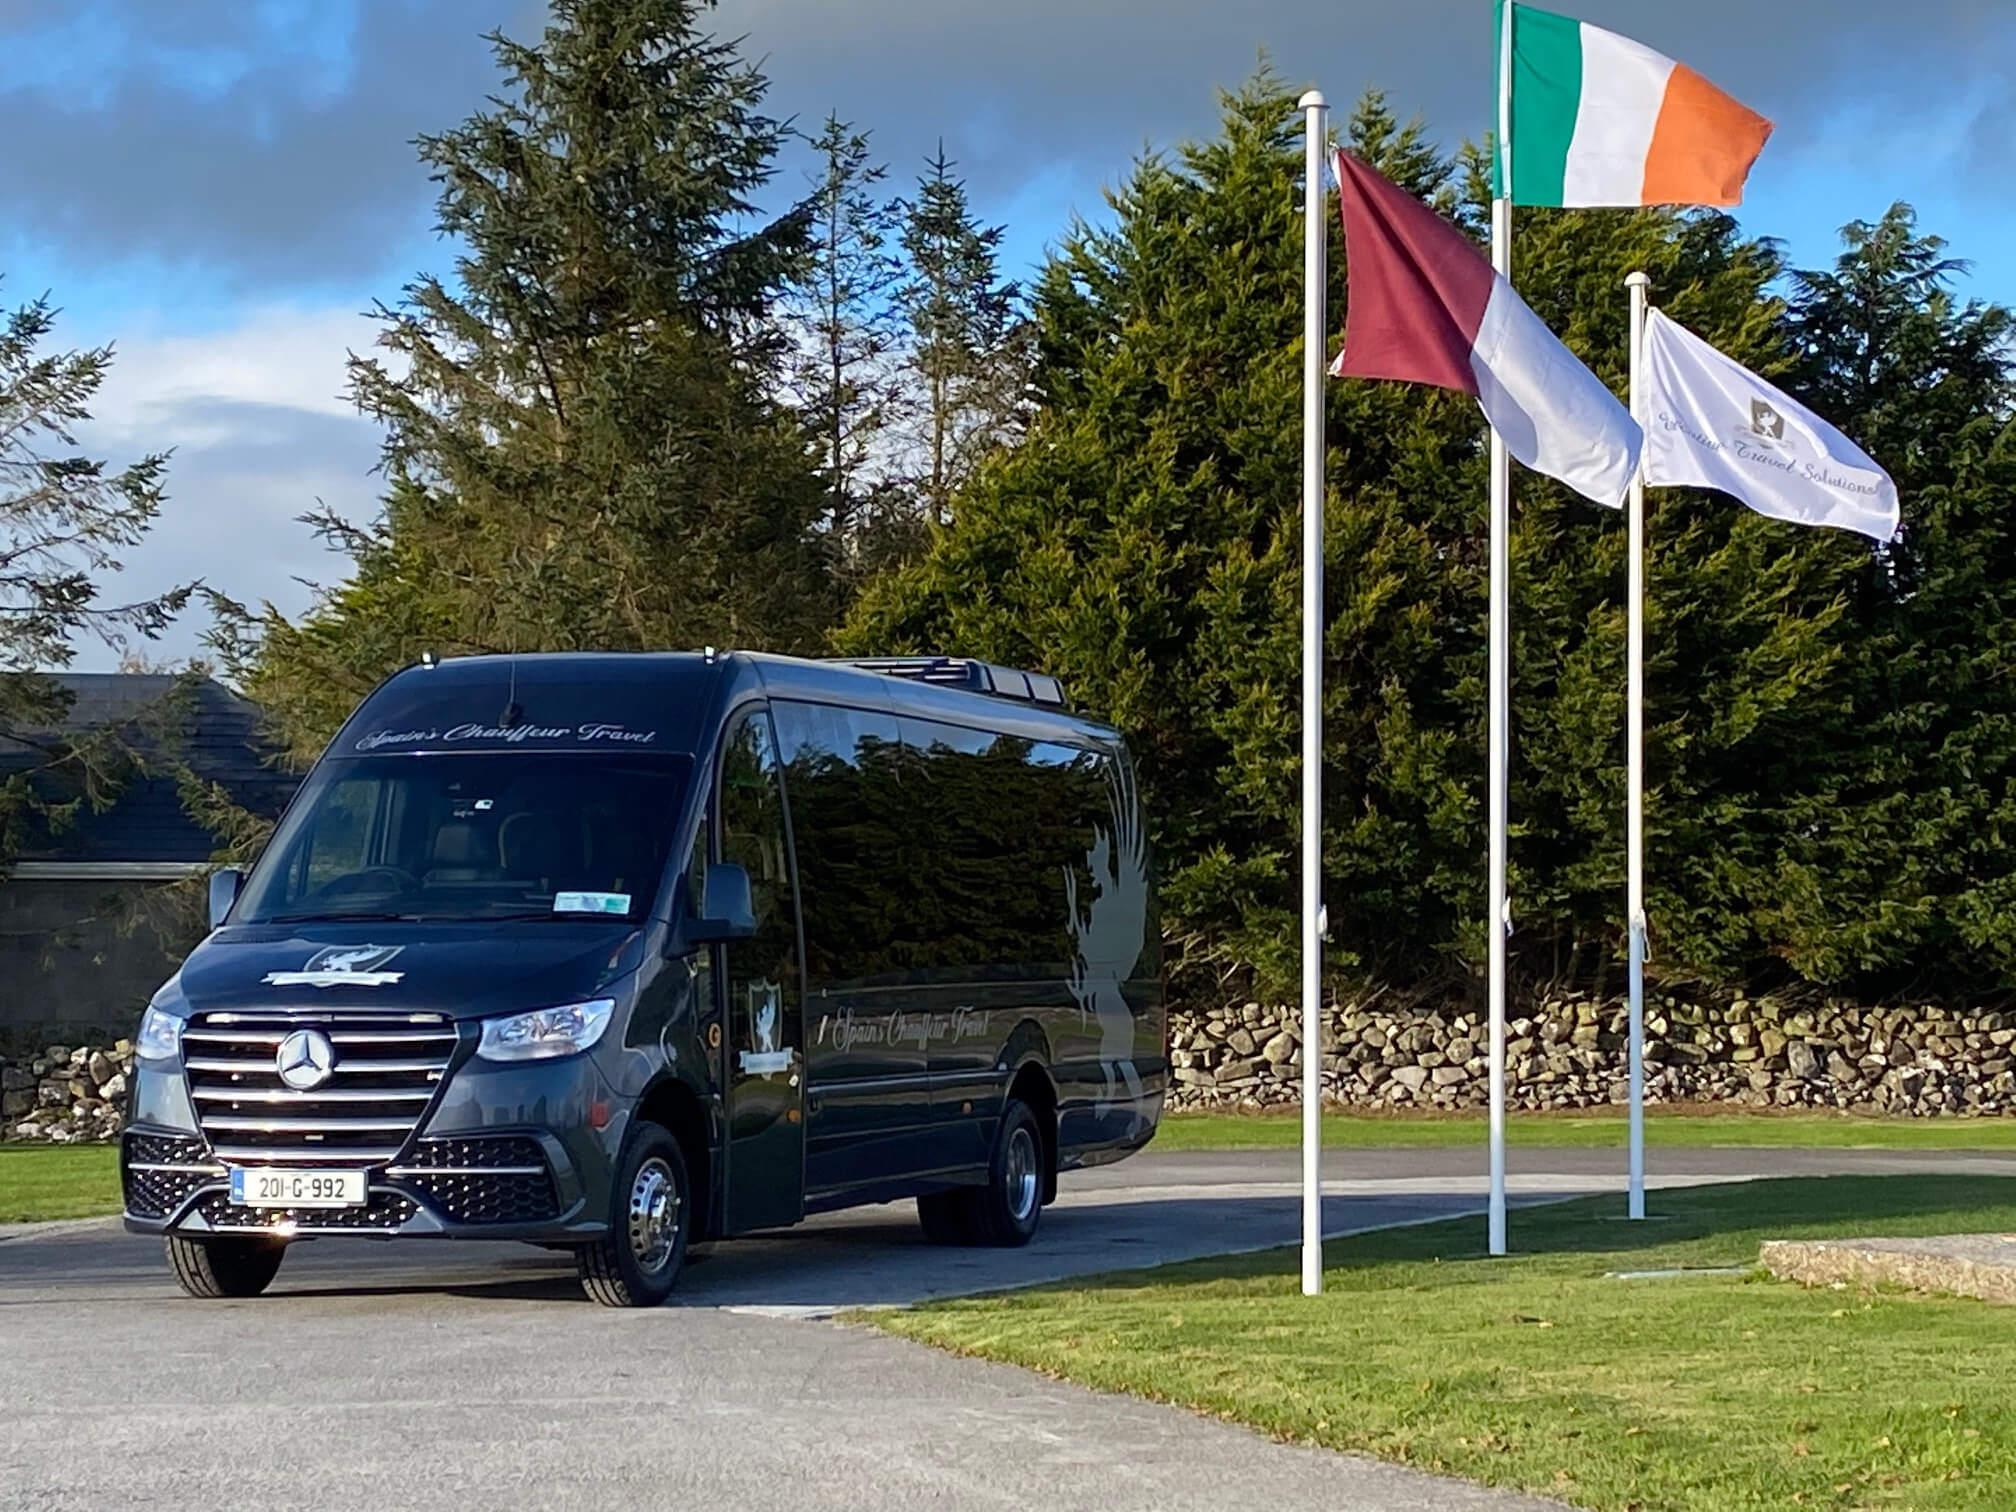 Luxury Irish Tours Fleet Ireland